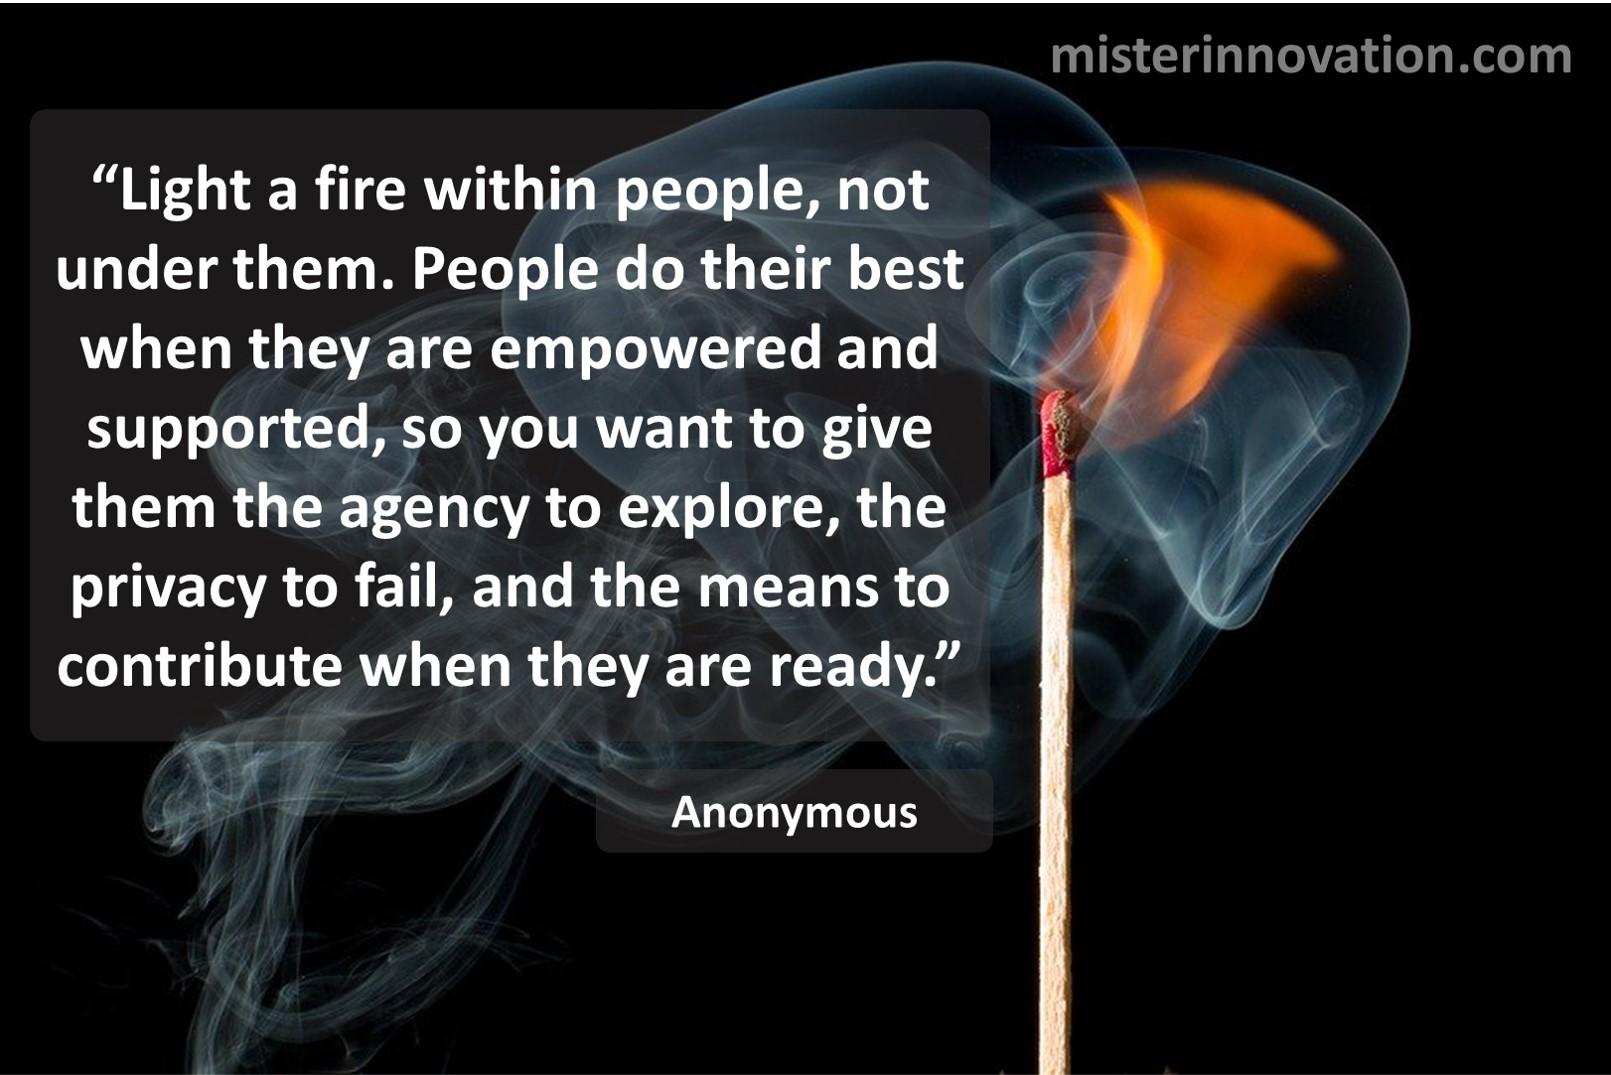 Anonymous Quote 2